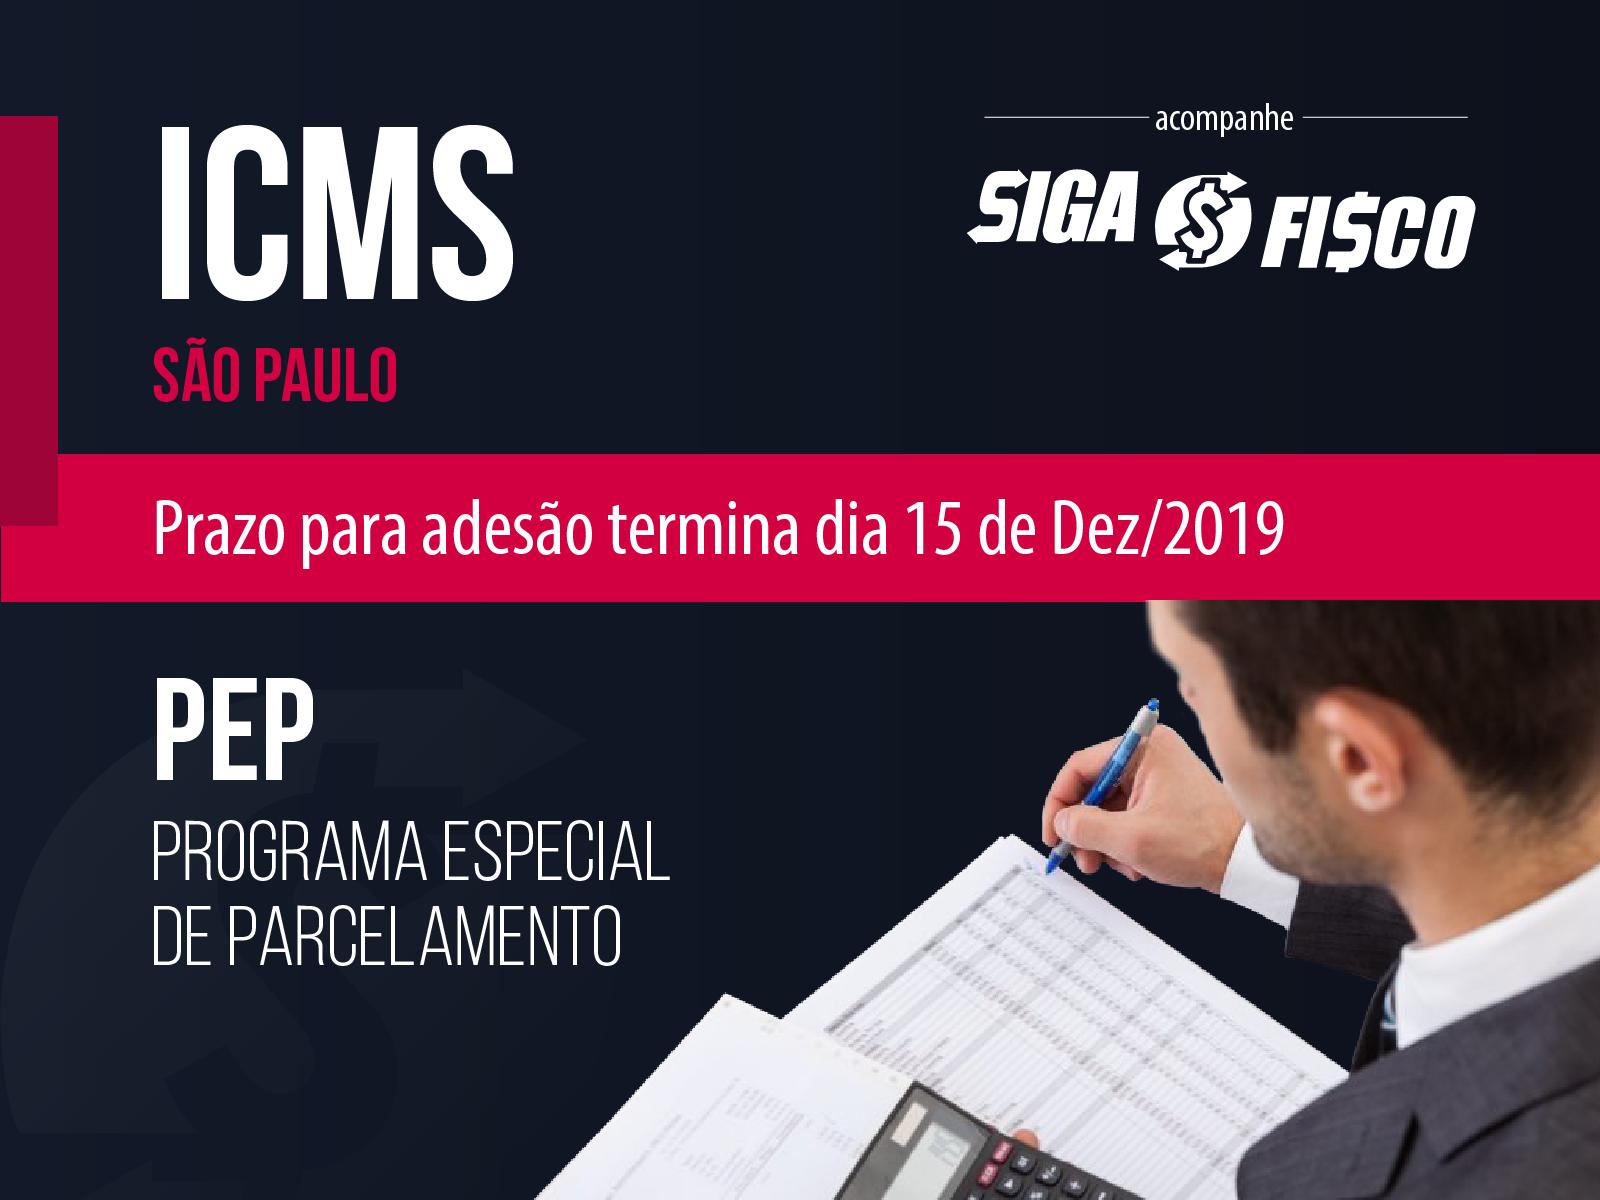 Débitos de ICMS em SP: Prazo para adesão ao PEP termina neste domingo, 15/12 1